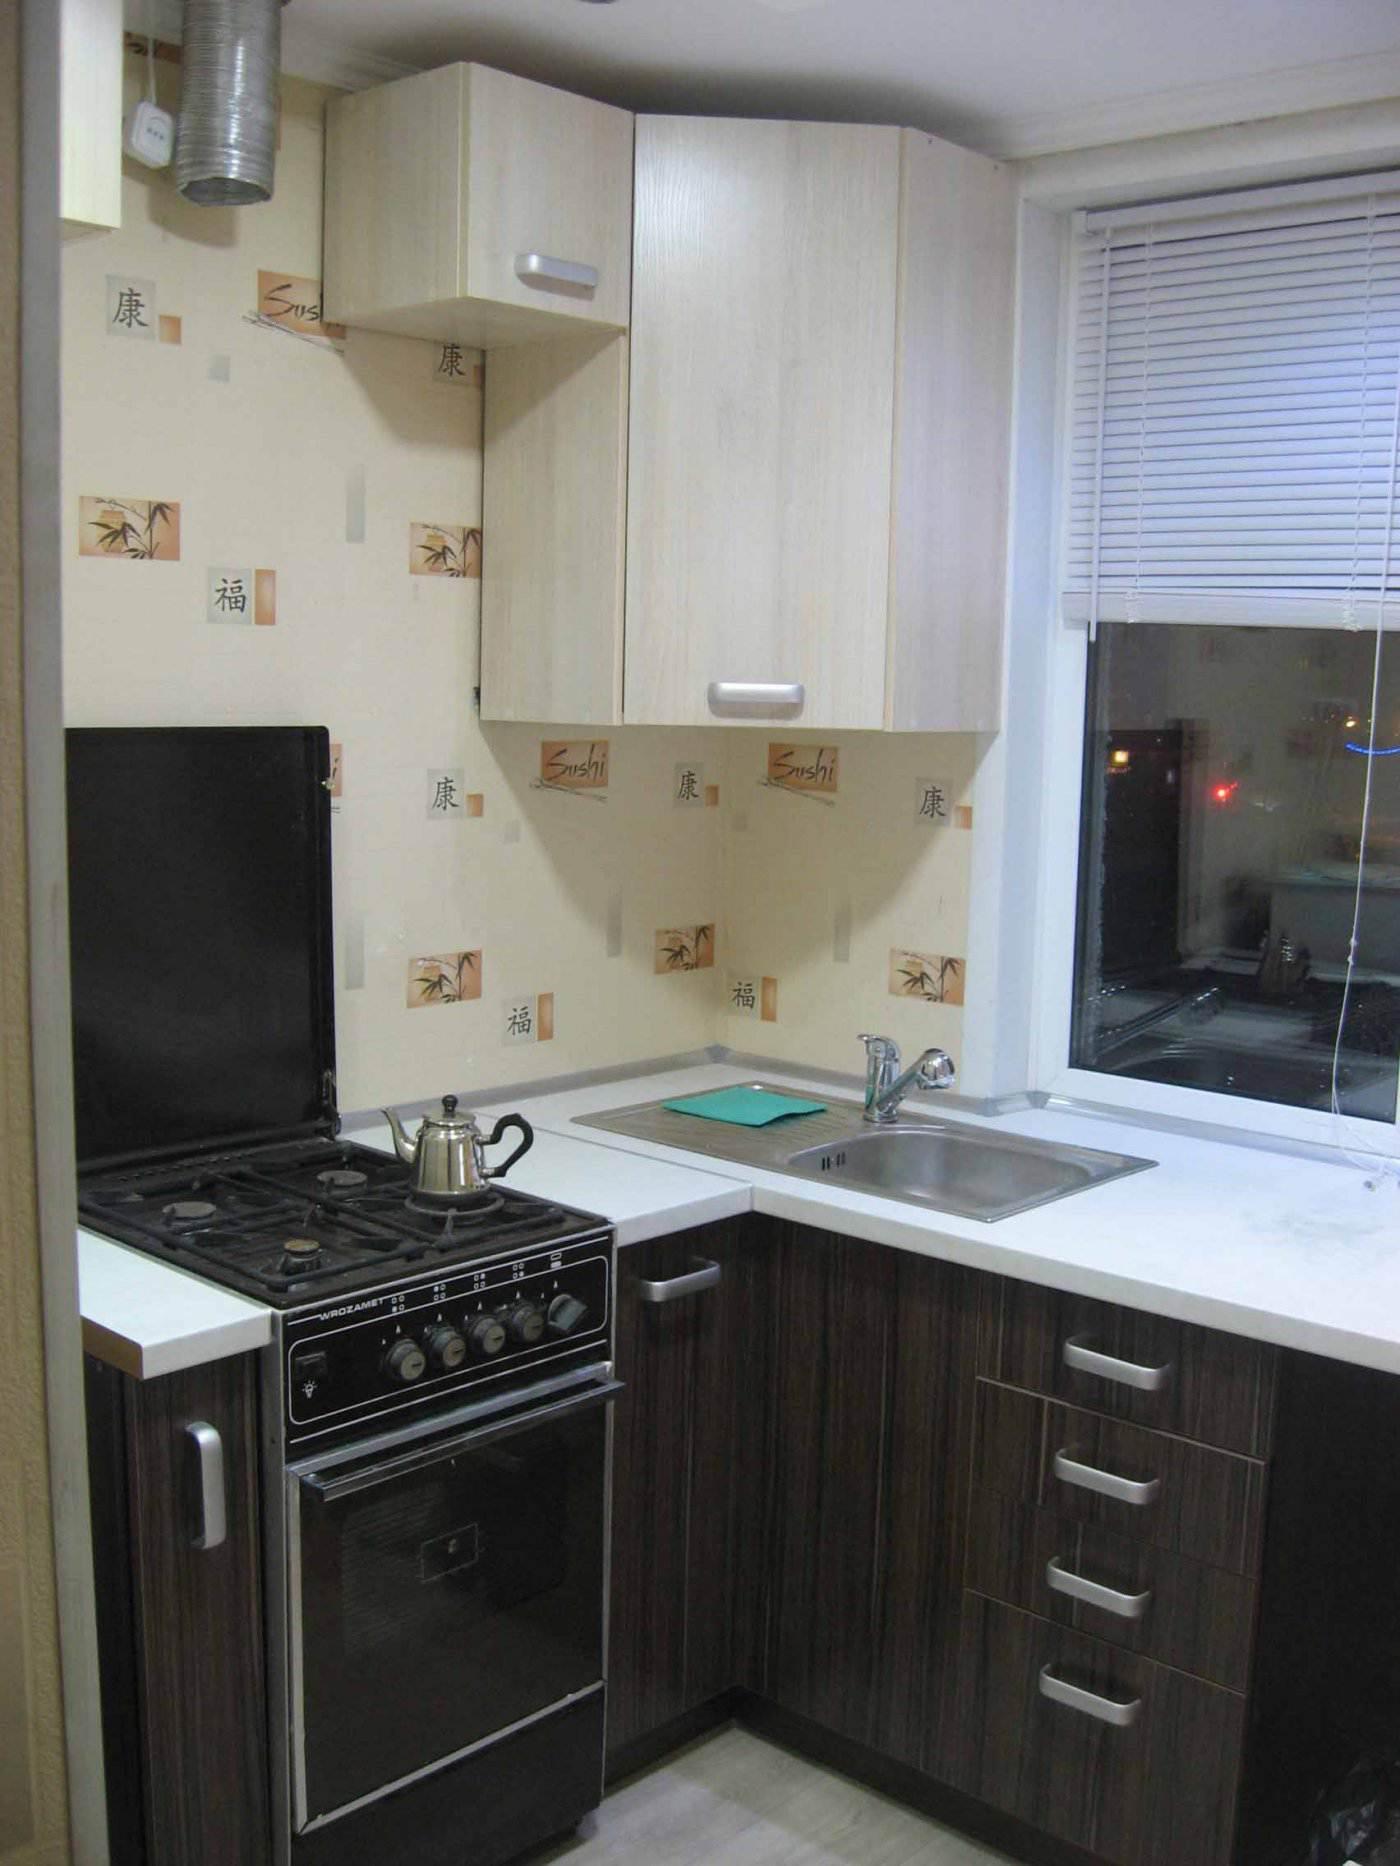 Маленькая кухня своими руками фото фото 686